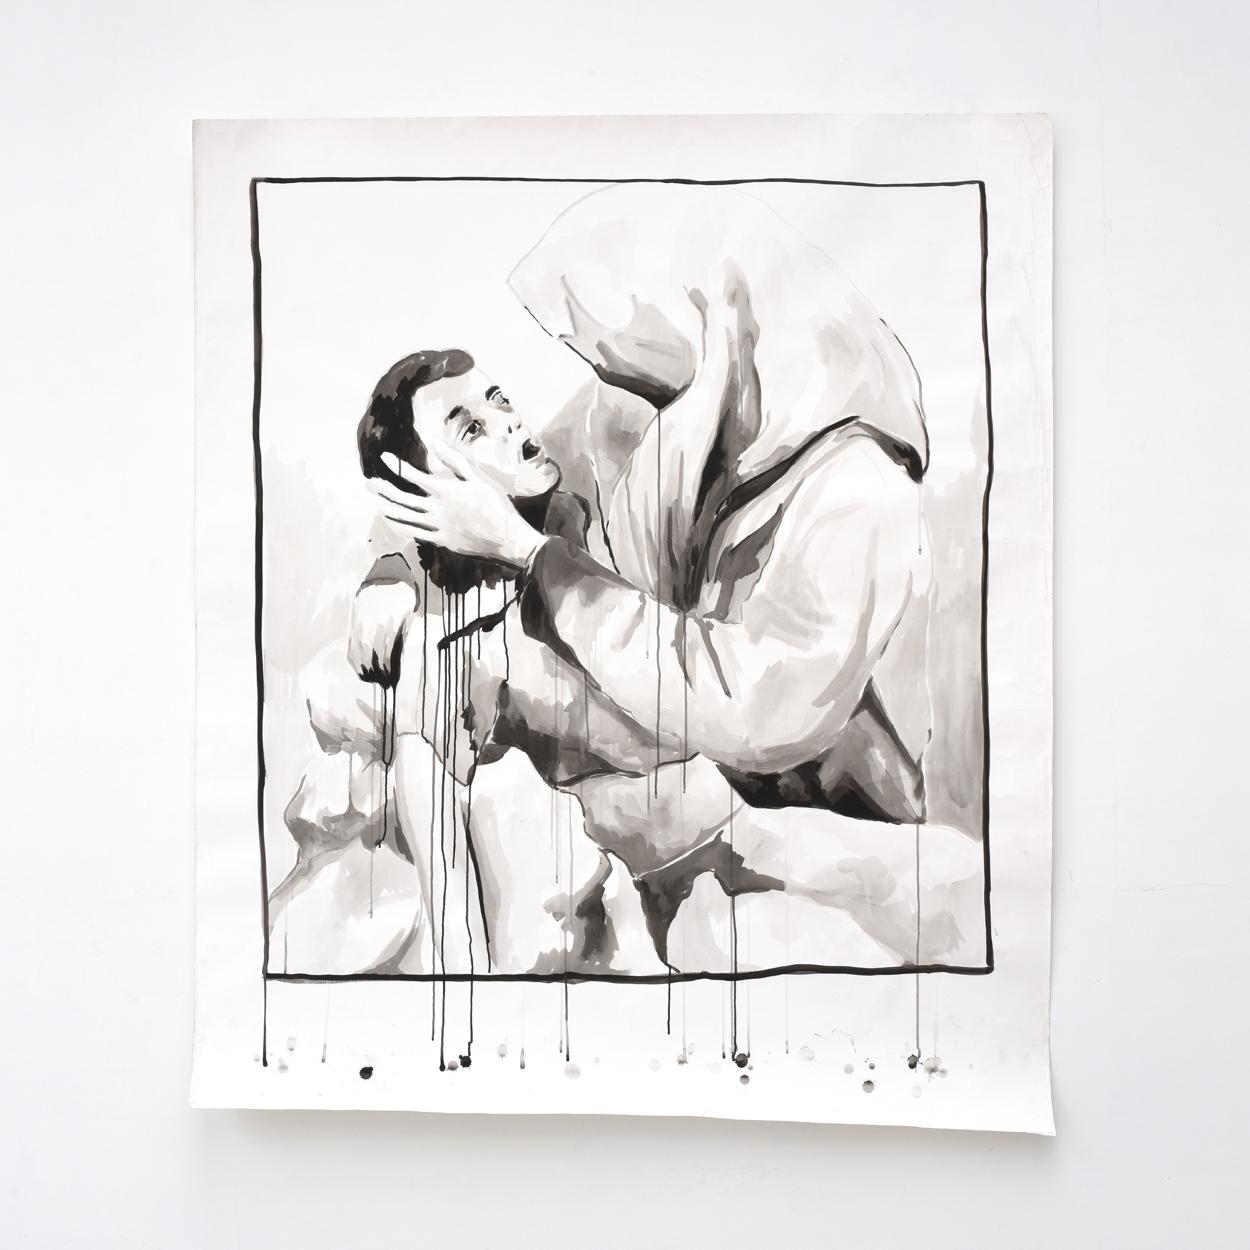 VERSCHEURE - Pieta#1_2010_172x150cm